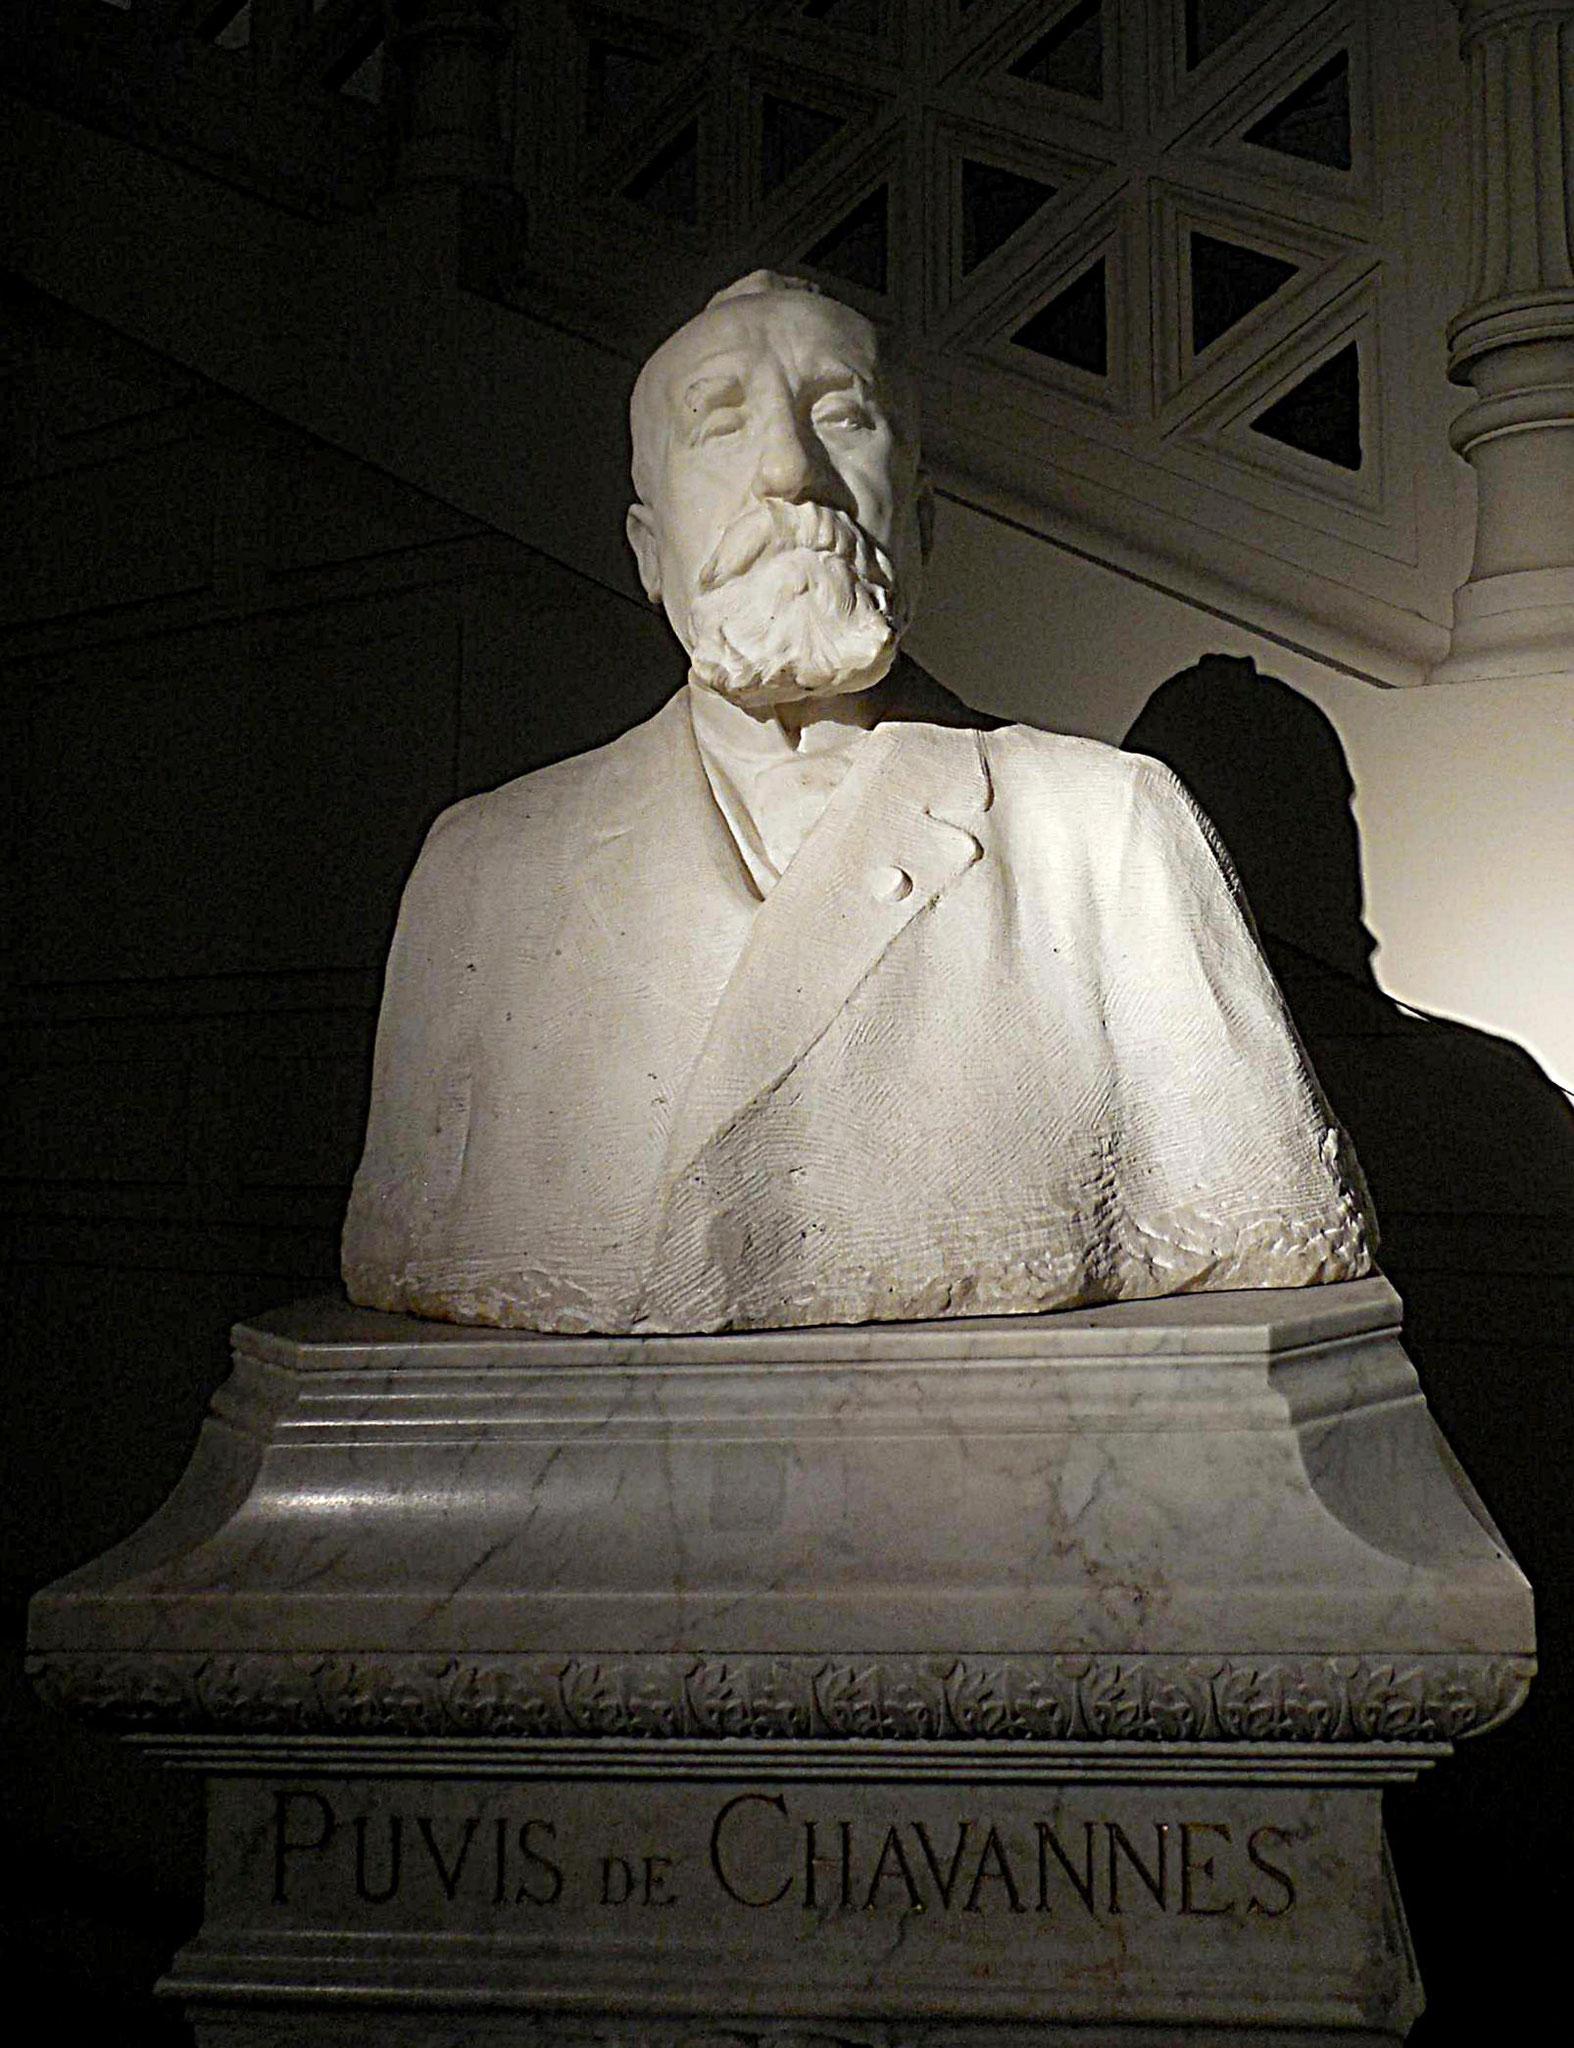 Puvis de Chavannes Pierre, par Auguste Rodin, vers 1891